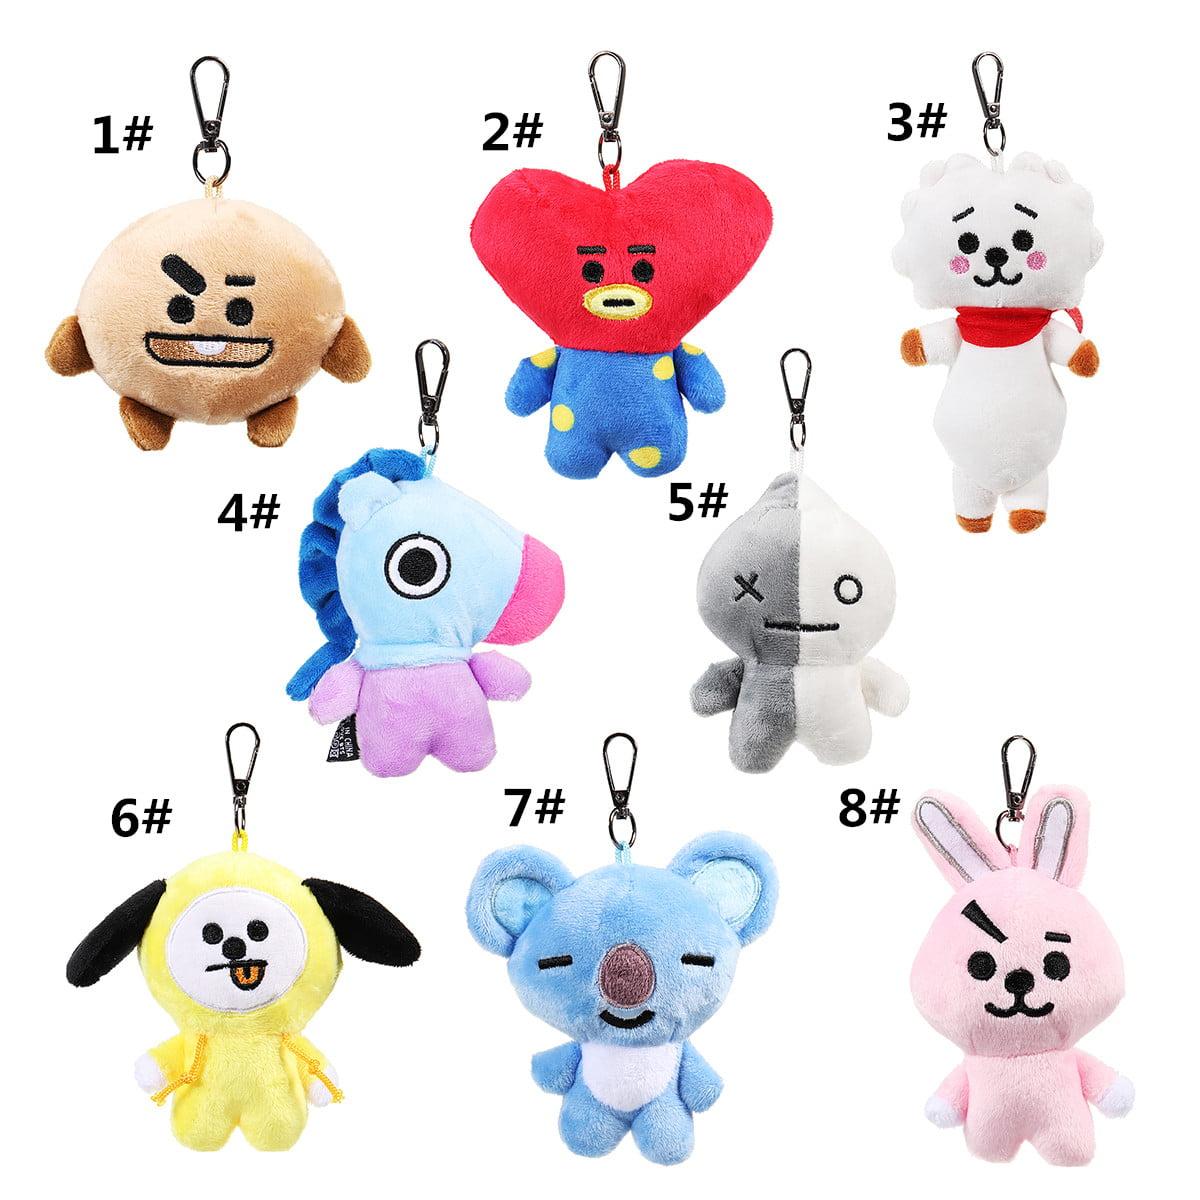 1b22e0af421 Mini Cute Soft Key Chain Plush Doll Keychain Car Keyring Toy For